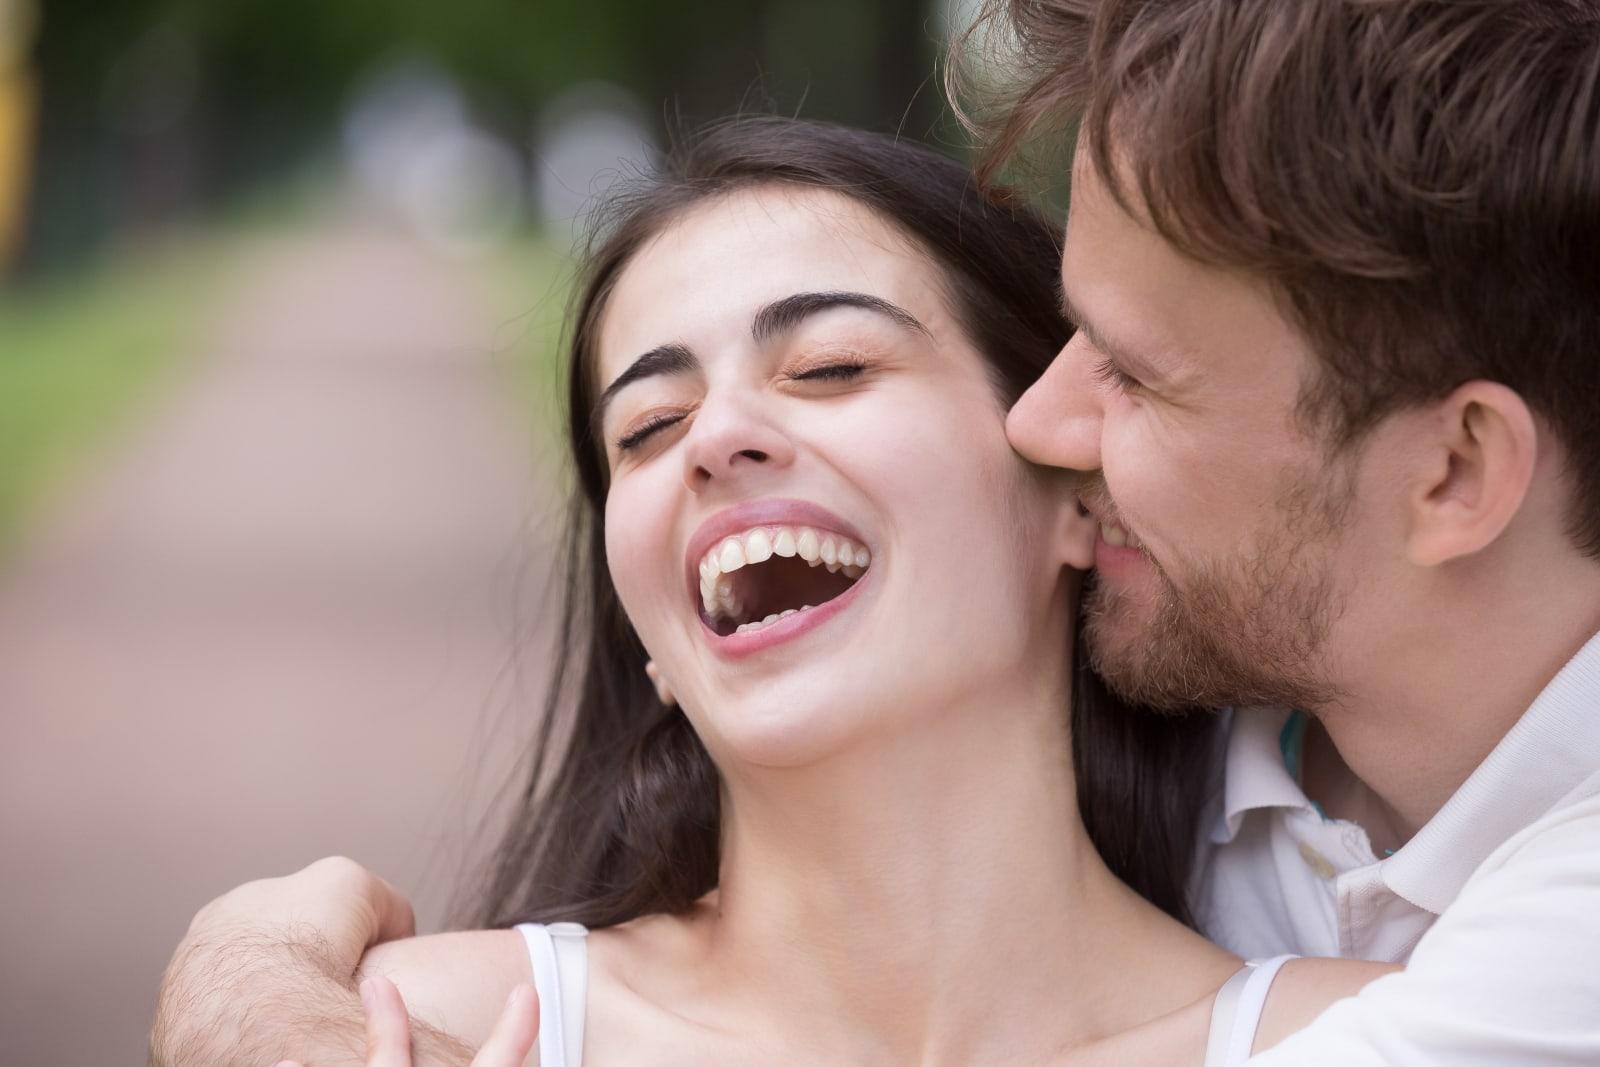 man embrace smiling woman